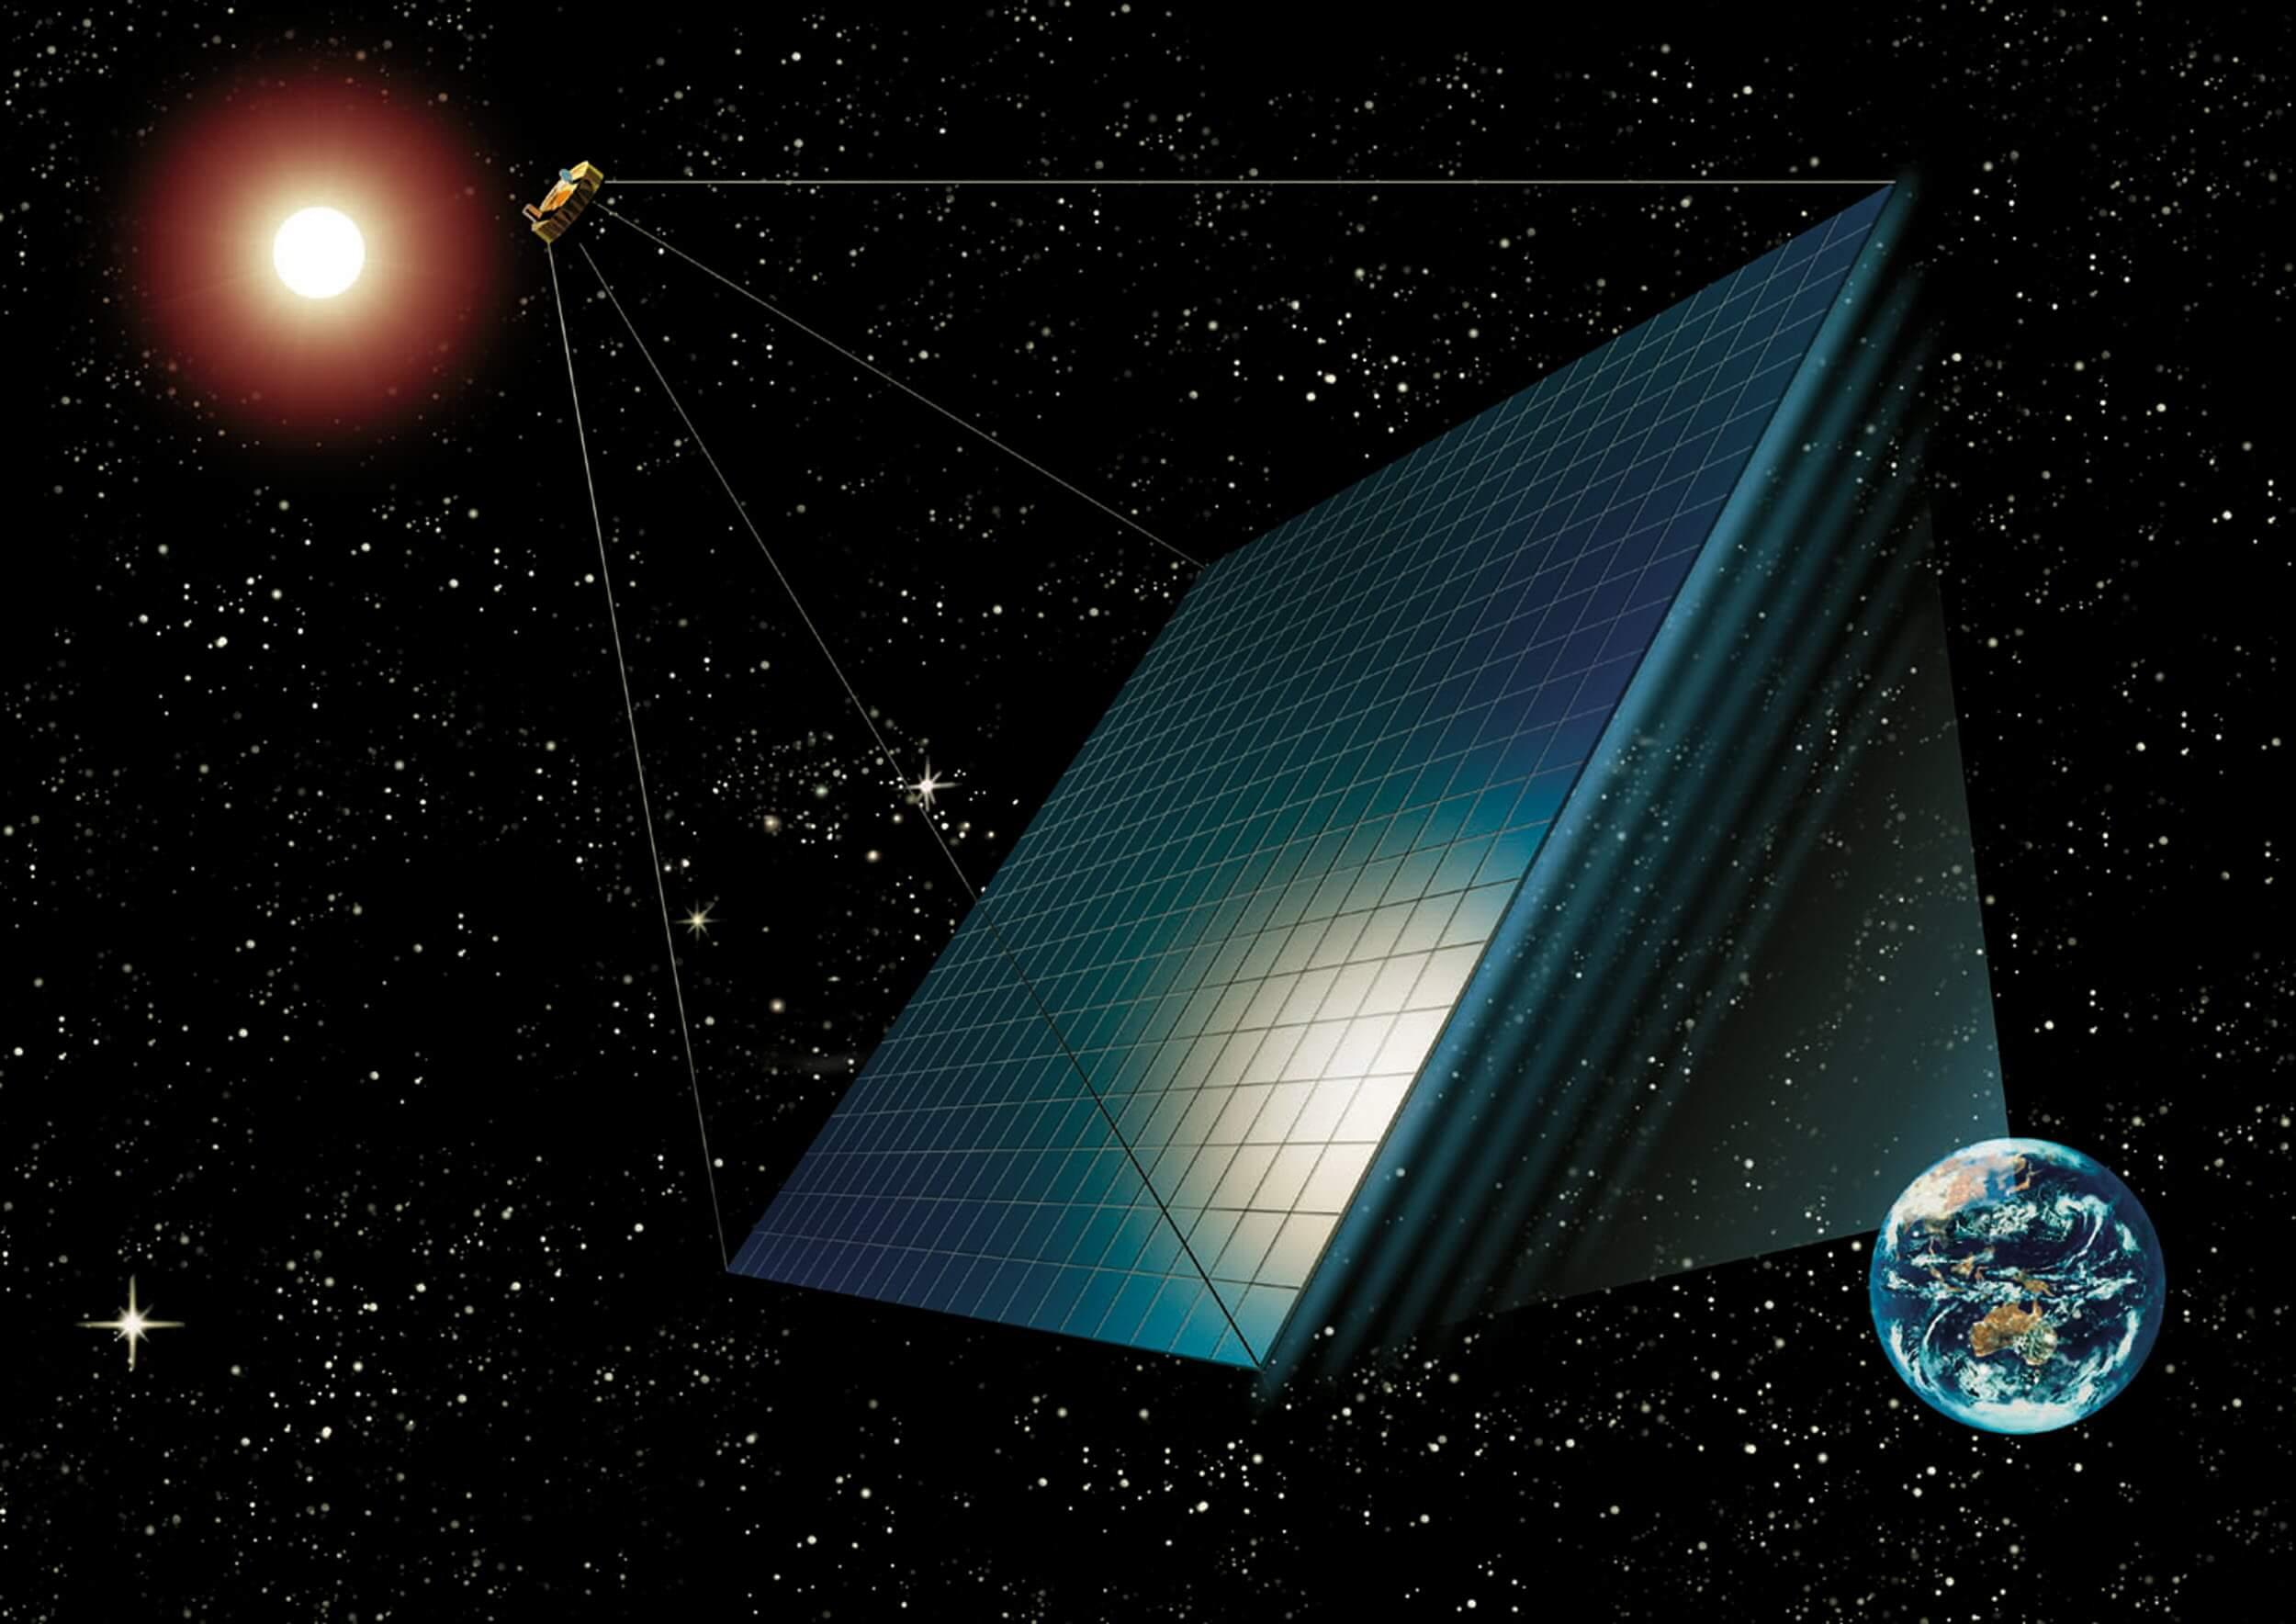 مزرعه خورشیدی فضایی